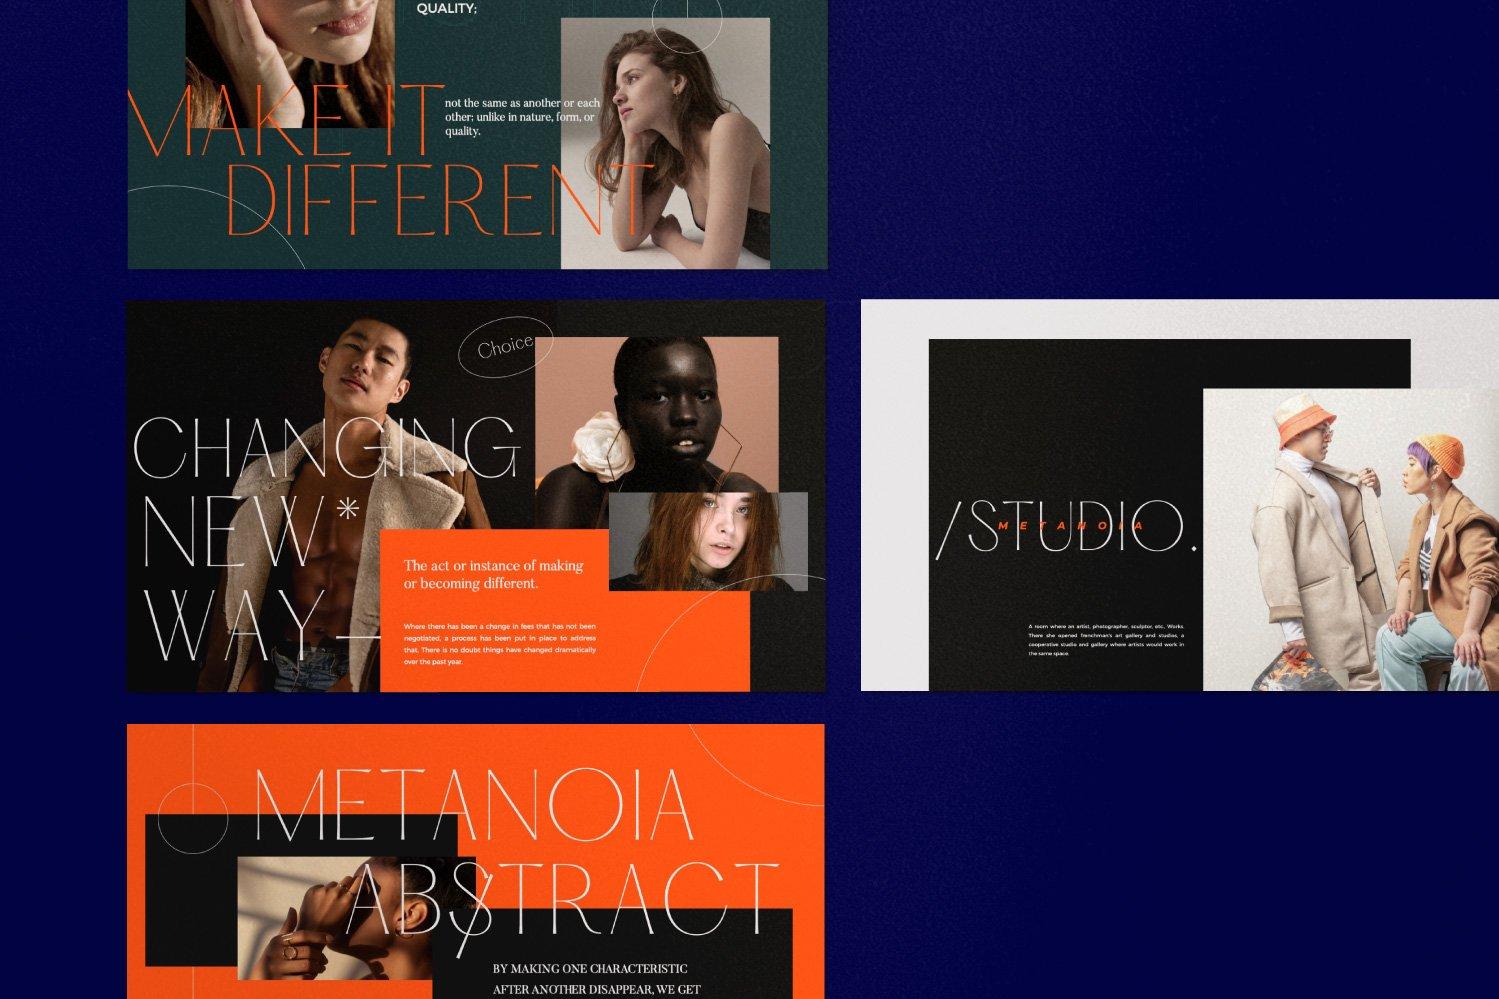 时尚潮流服装品牌摄影作品集幻灯片设计模板 Metanoia – Brand Fashion Powerpoint插图(10)